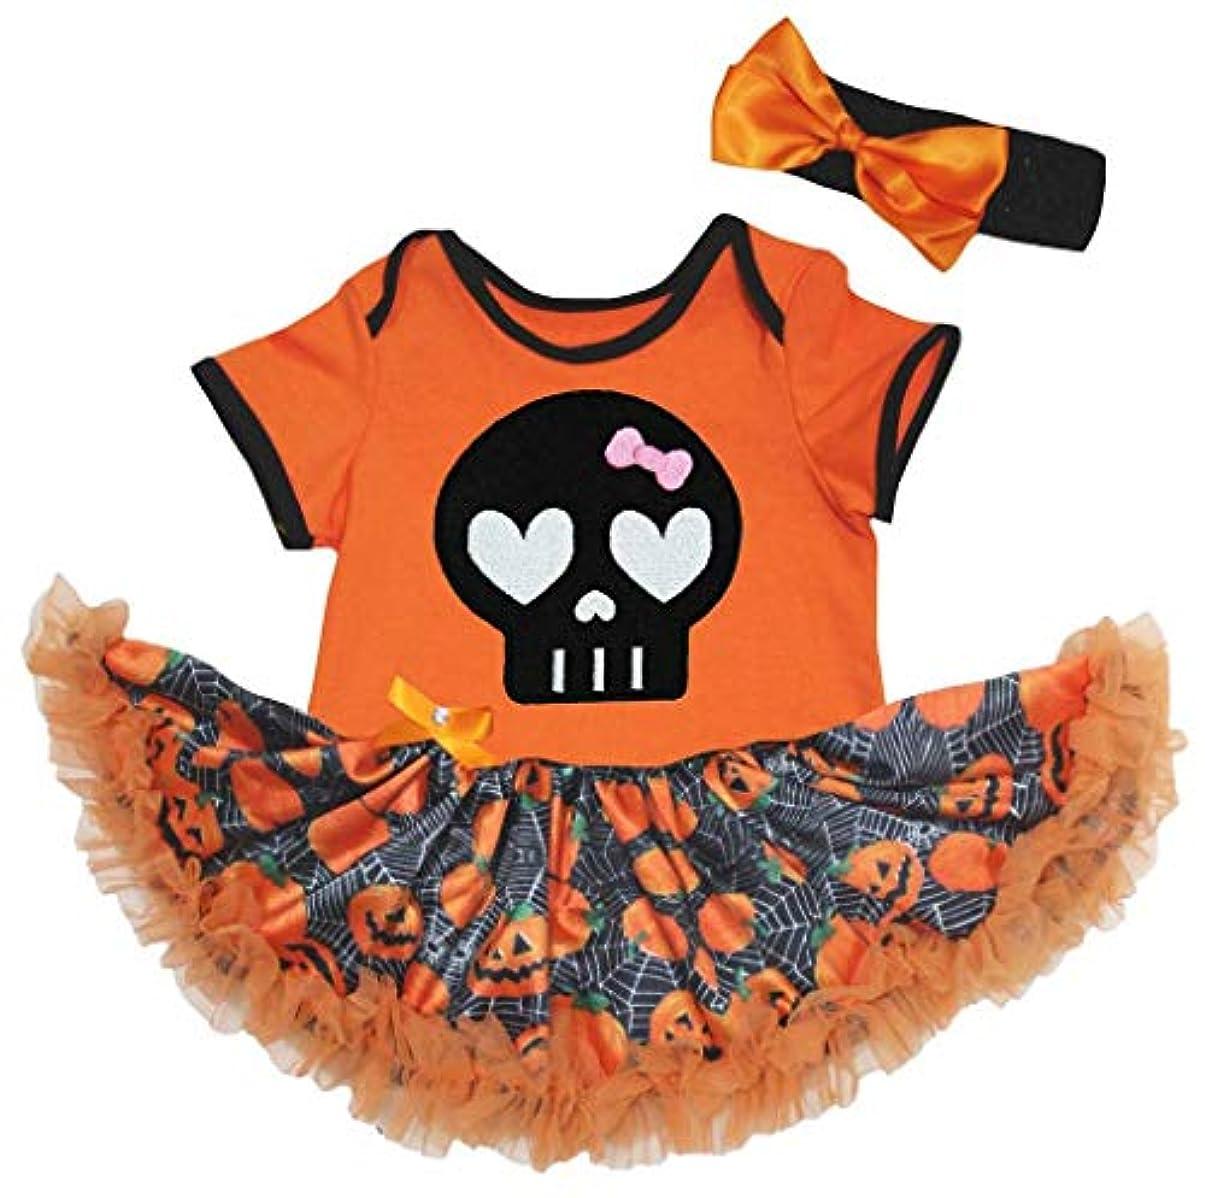 後者頭痛緊張[キッズコーナー] ハロウィン 頭蓋骨 オレンジ パンプキン カボチャ ボディスーツ、子供のチュチュ、ベビー服、女の子のワンピースドレス Nb-18m (オレンジ, X-Large) [並行輸入品]